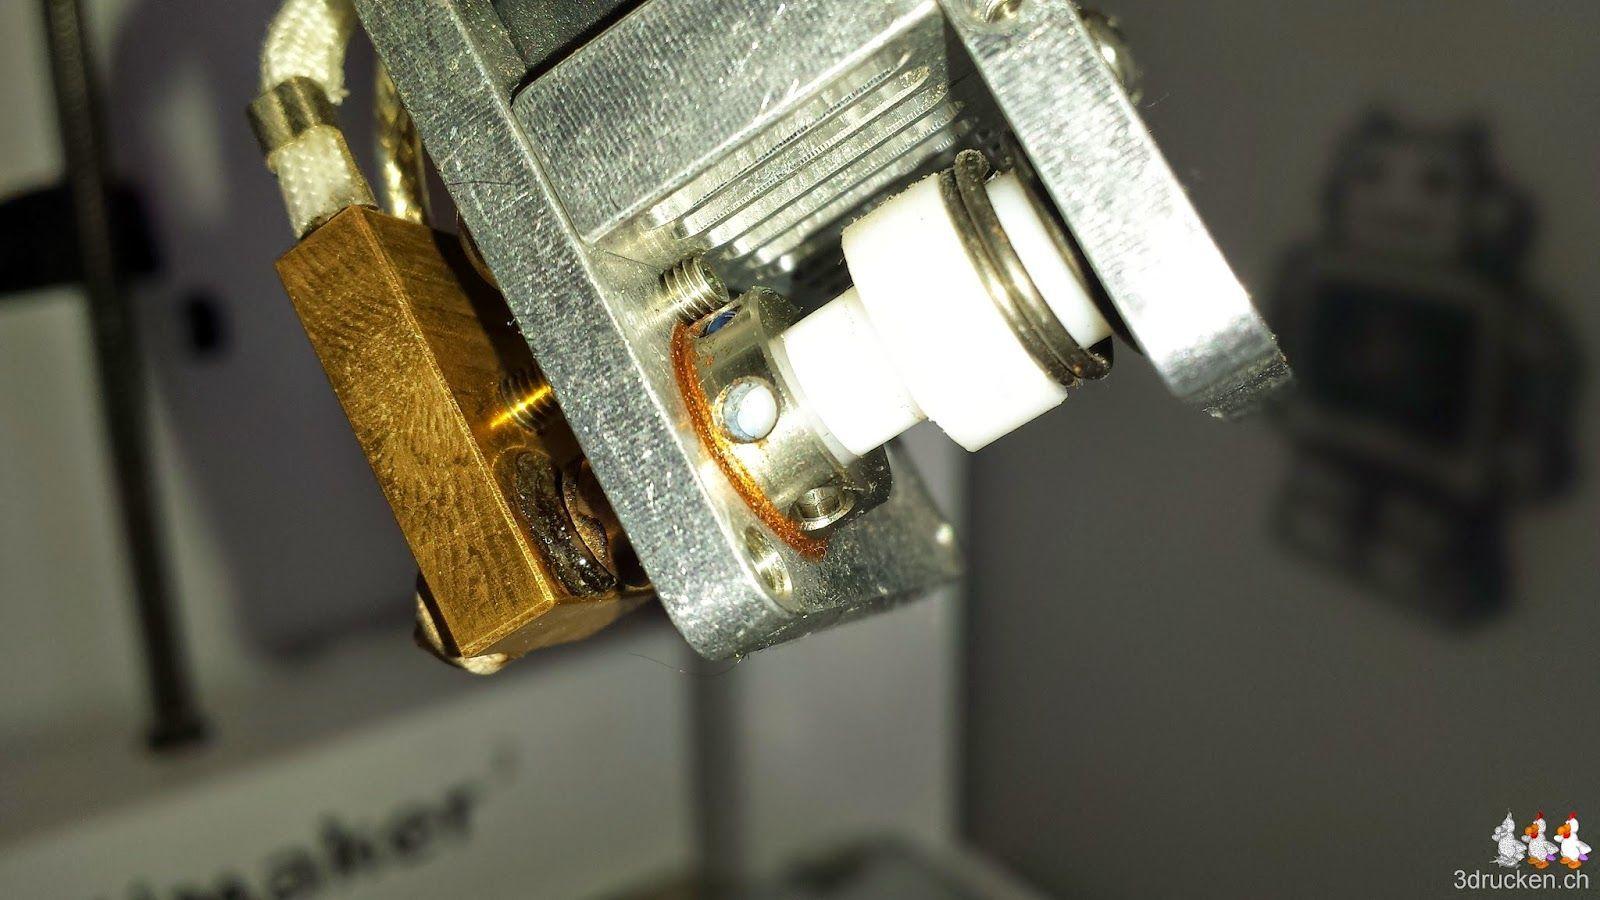 Foto des Druckkopfs am Ultimaker 2 welches deutlich Zeigt, dass die Düse zuwenig ineinander geschraubt ist